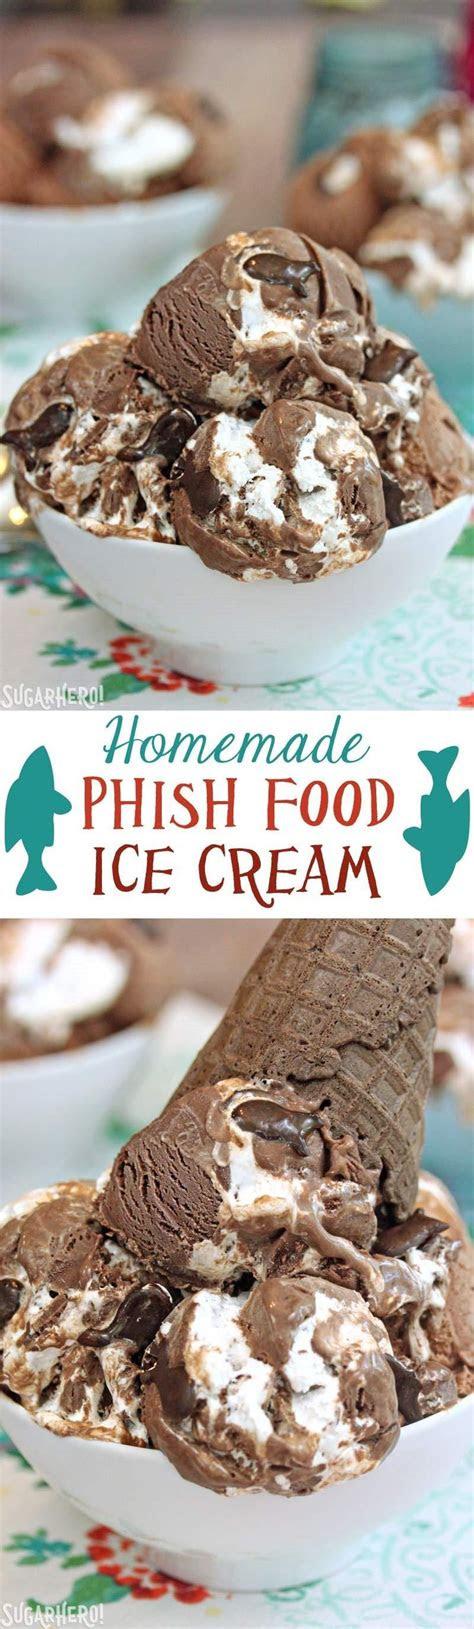 phish food ideas  pinterest phish food ice